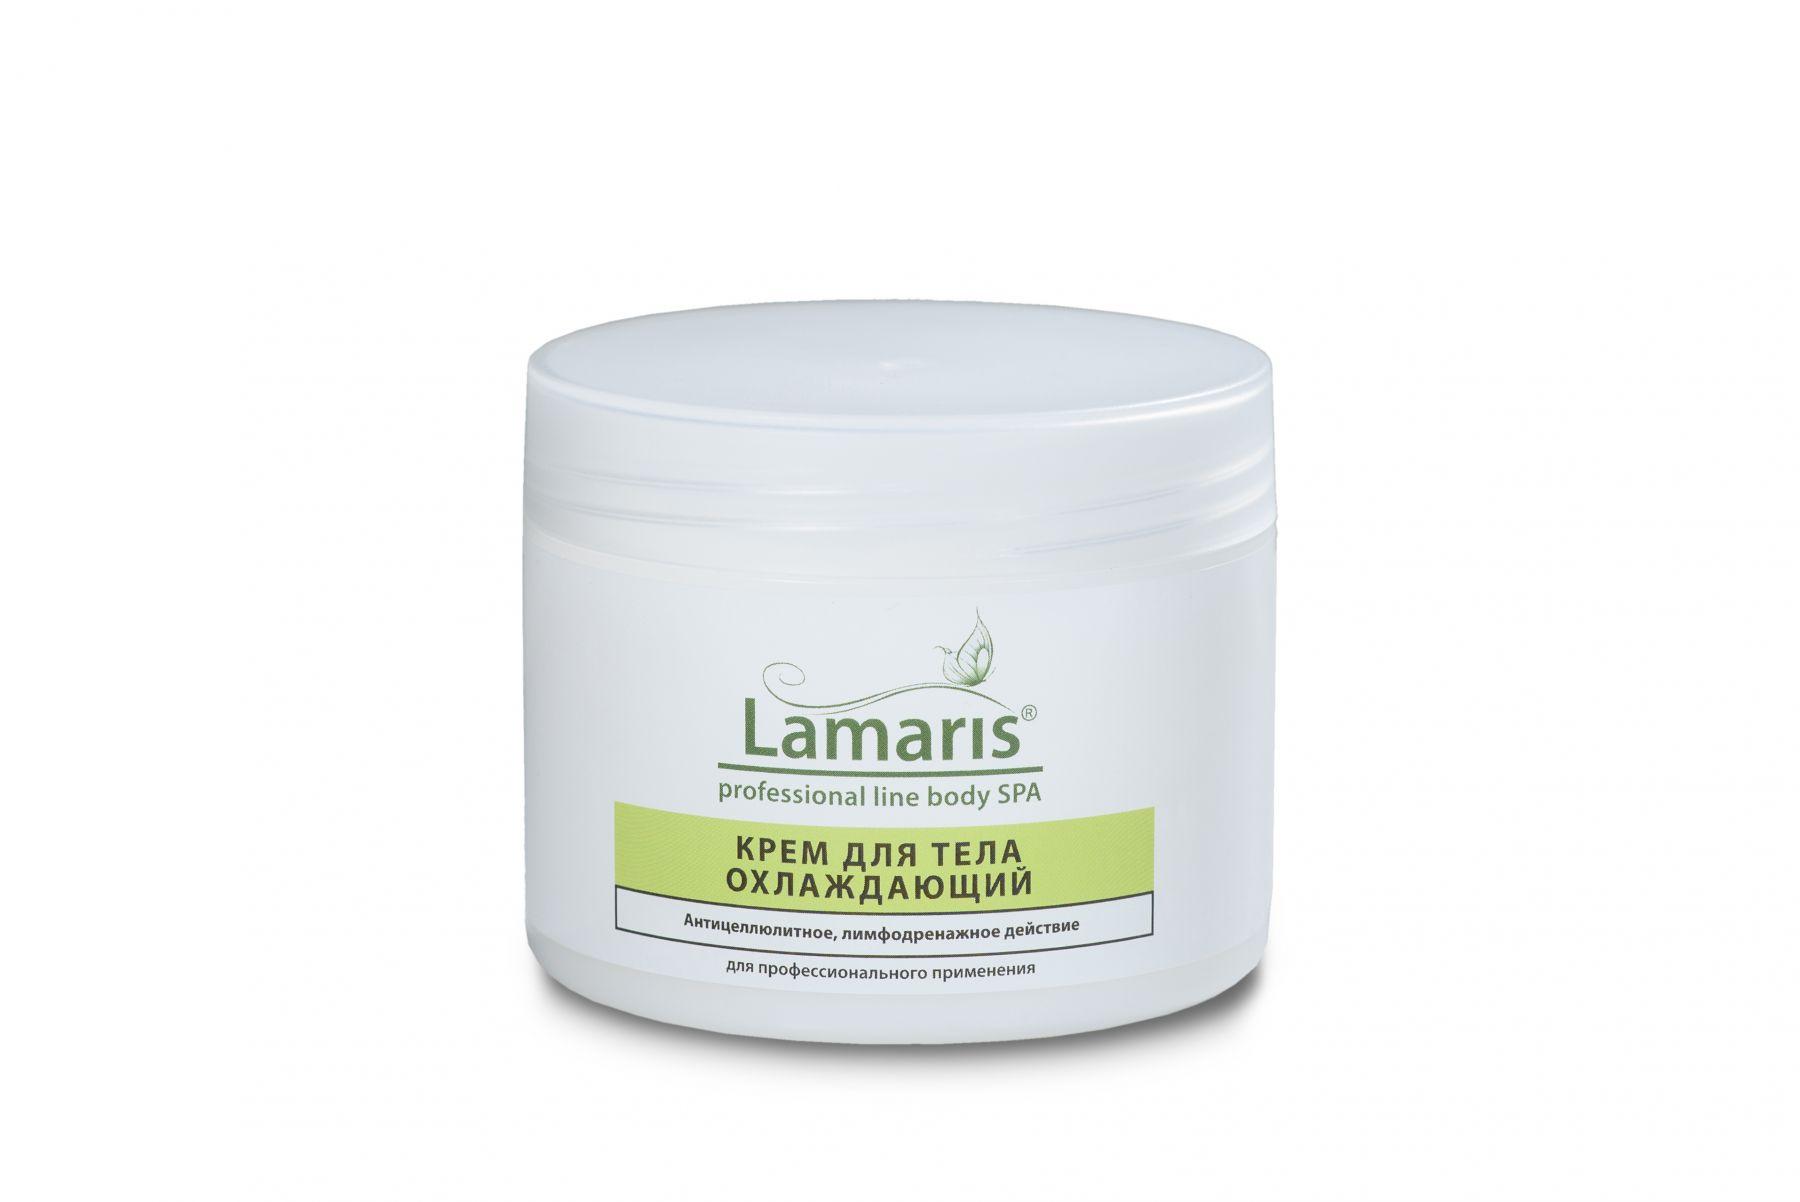 Охлаждающий крем для тела антицеллюлитный Lamaris - 300, 550 мл.